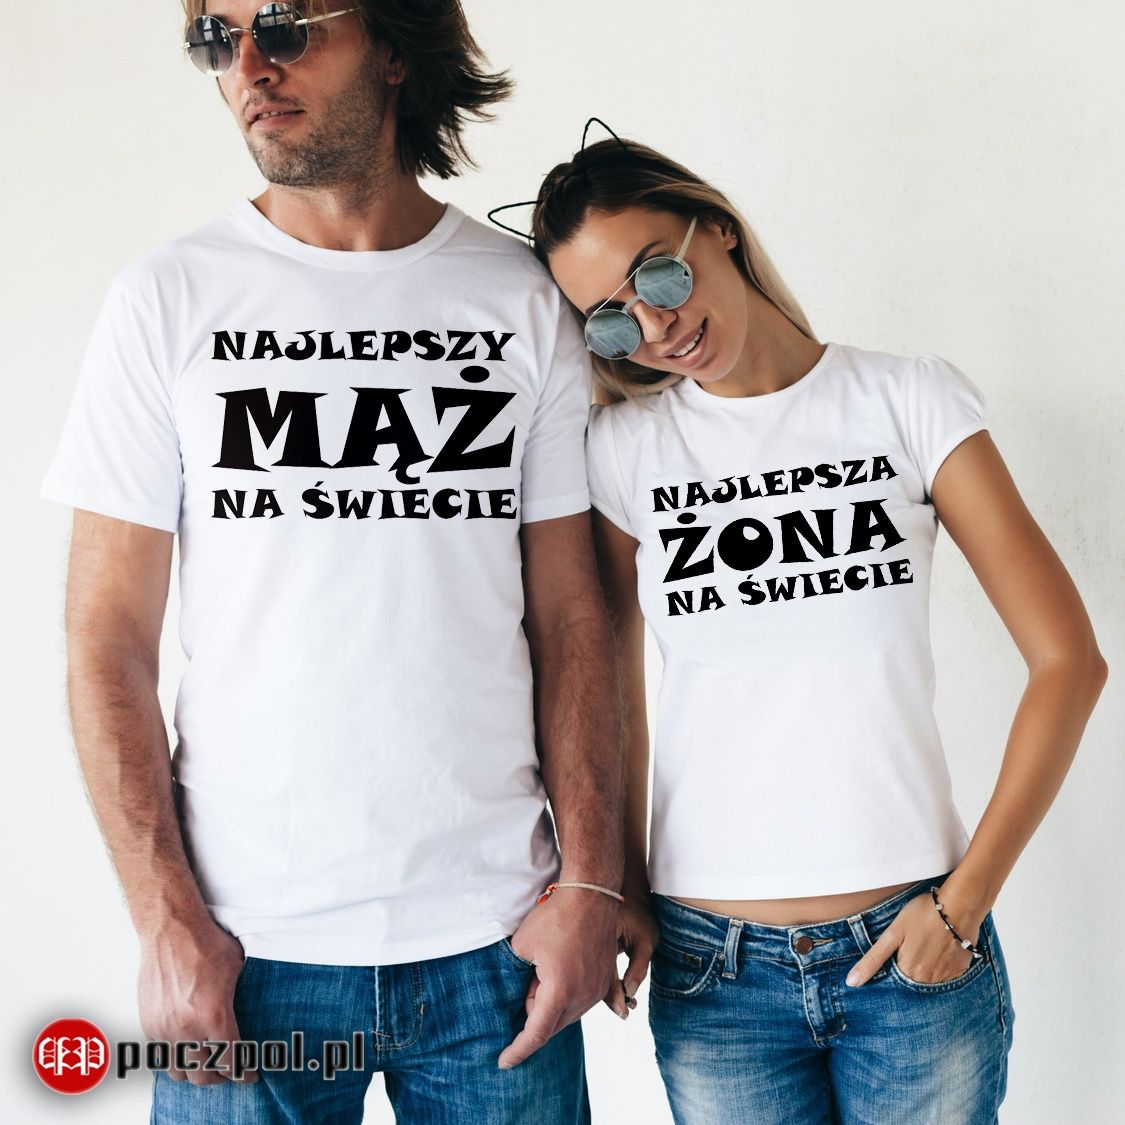 Najlepszy Maz I Najlepsza Zona Streetwear Koszulki Design